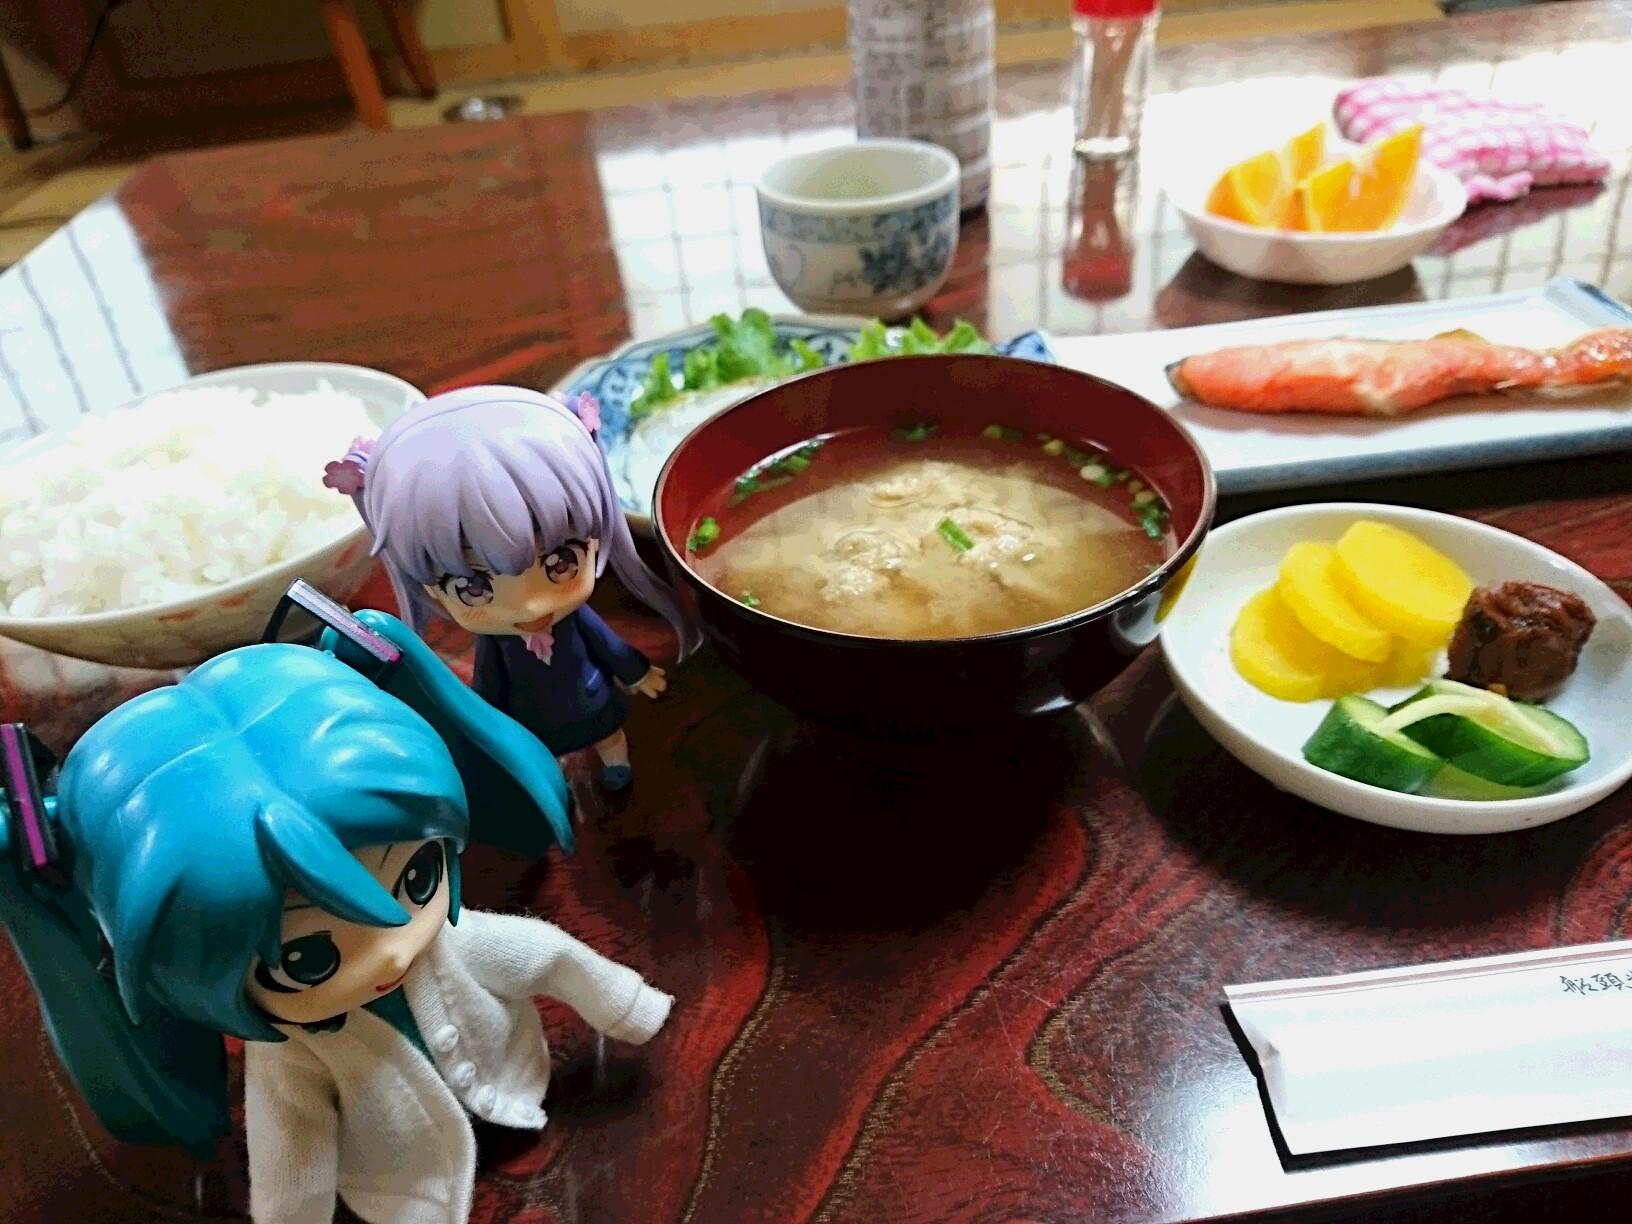 朝ごはんで浅野丸さんのつみれ汁。